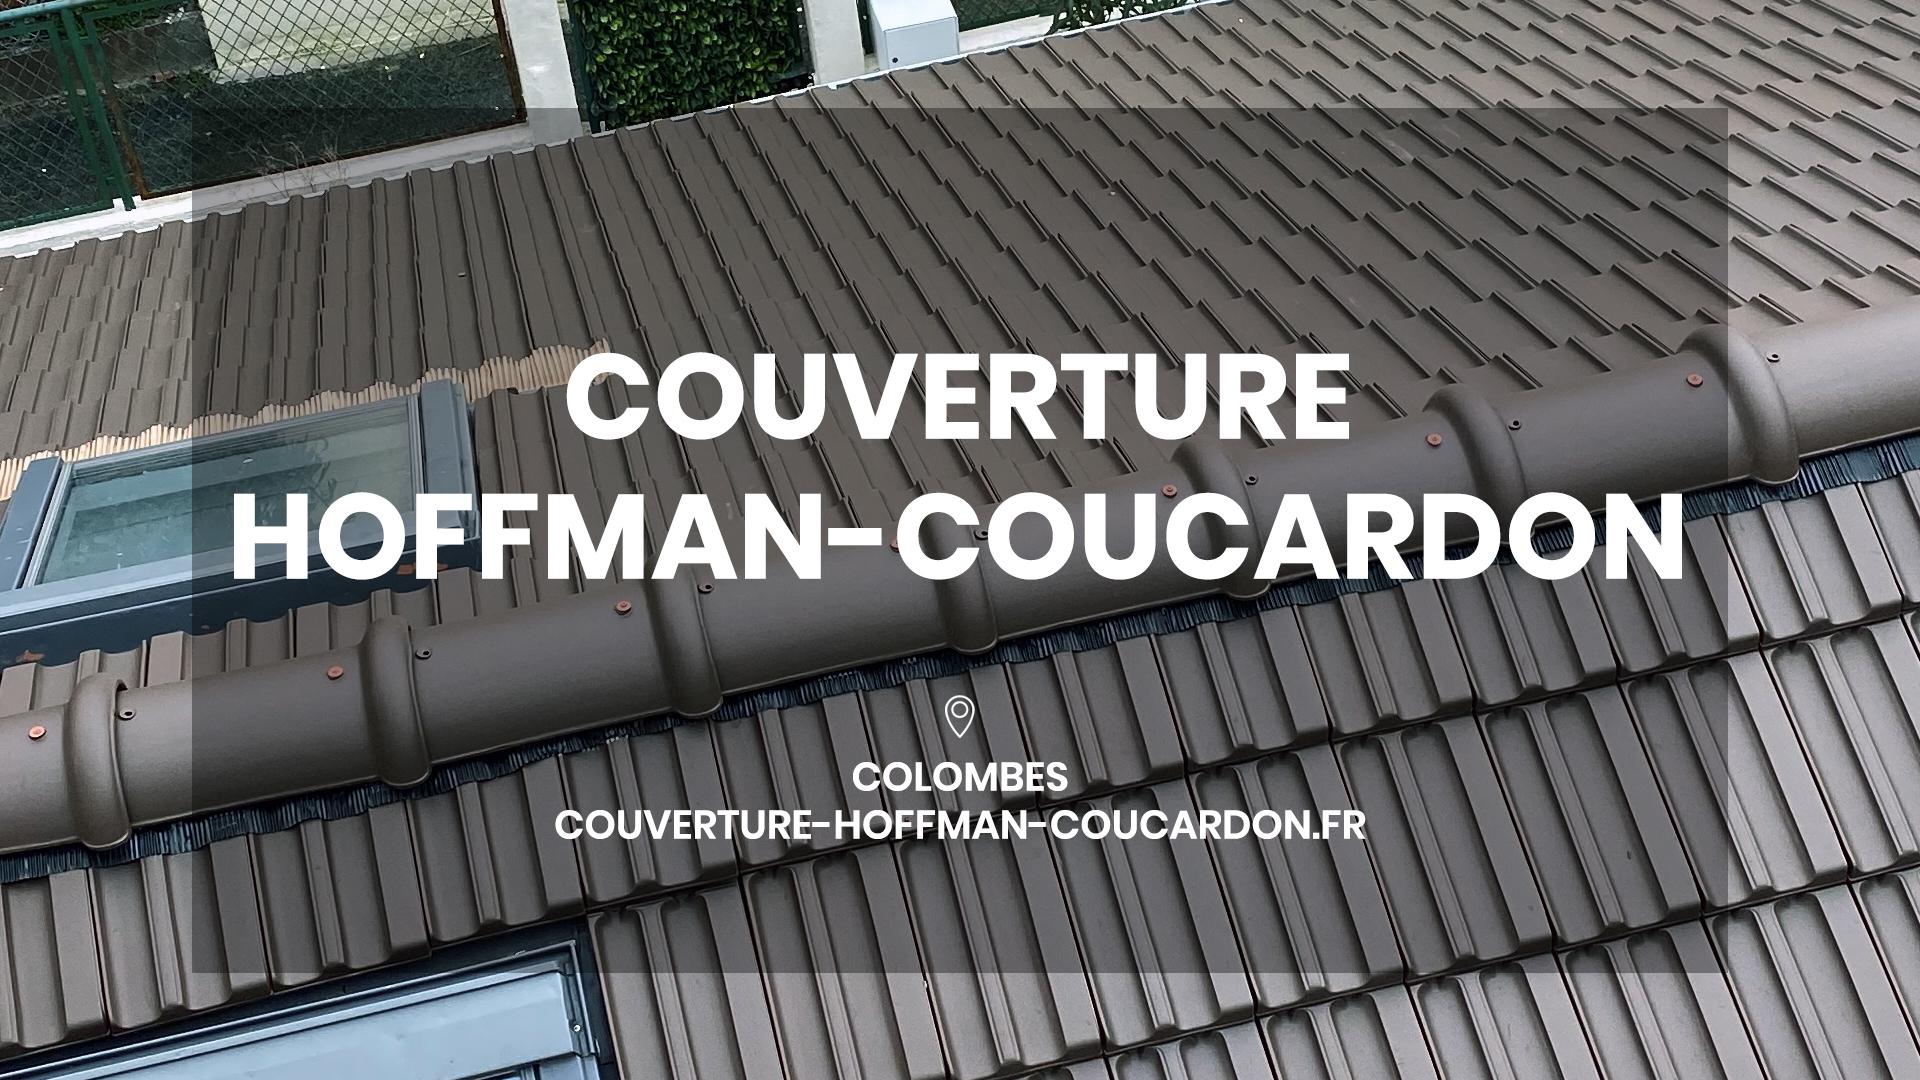 Couverture Hoffman-Coucardon - COLOMBES